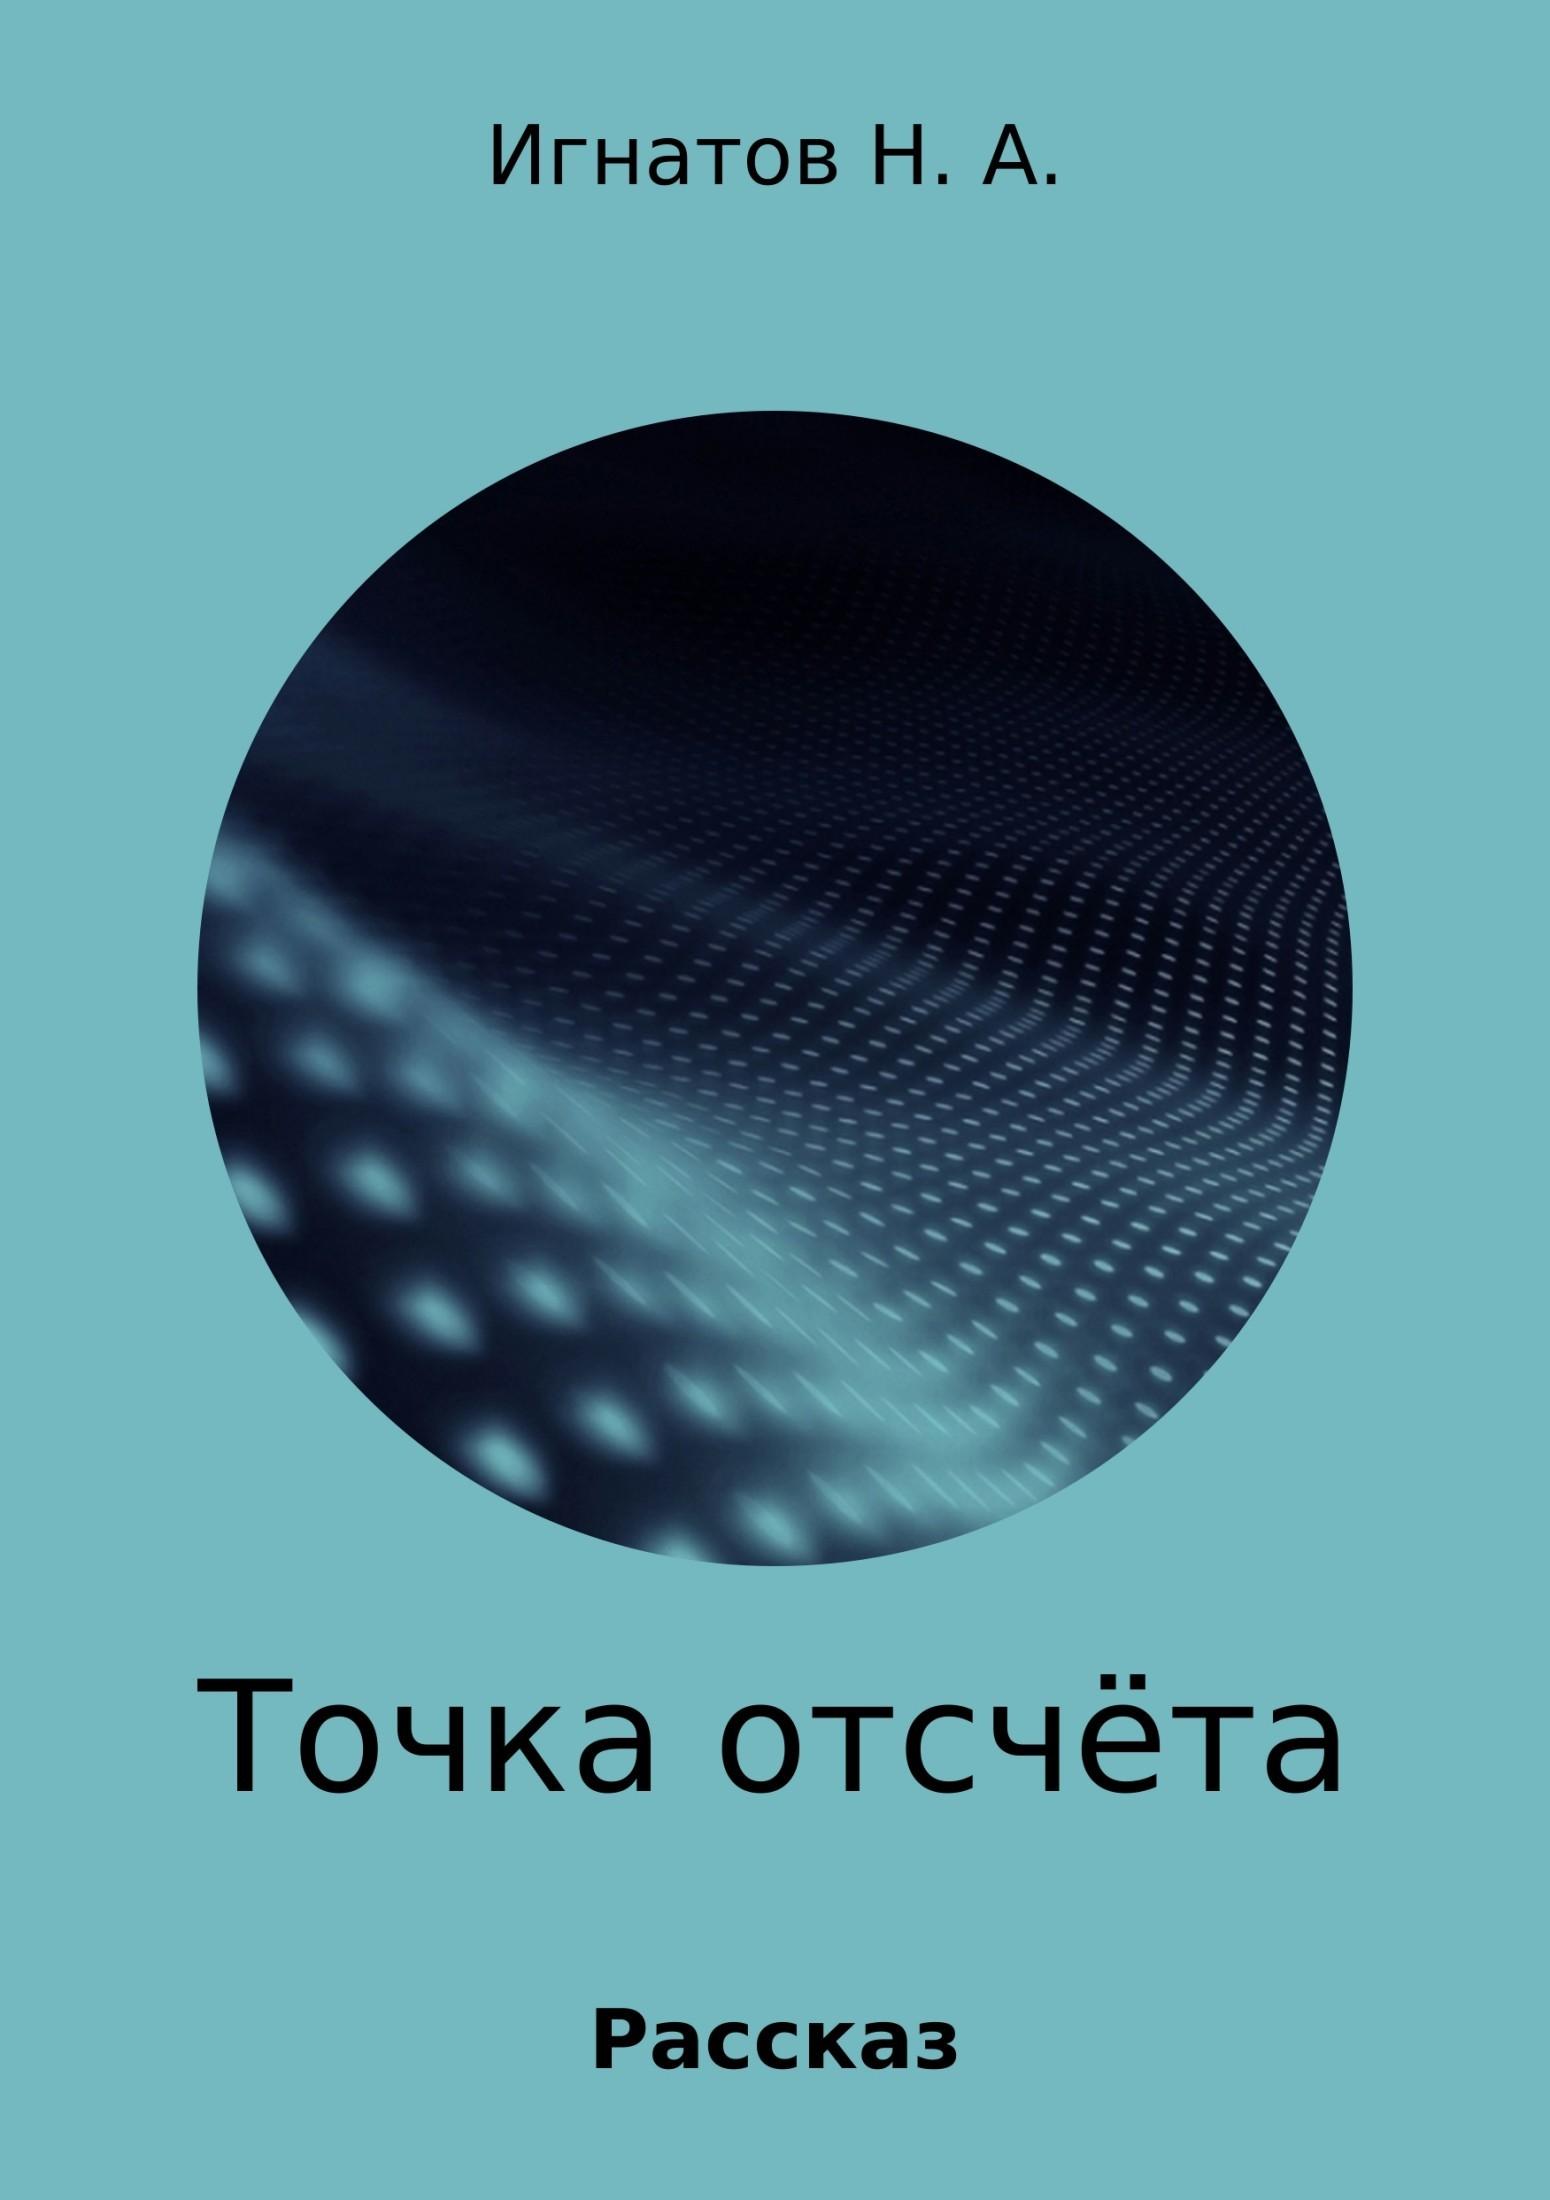 Николай Александрович Игнатов бесплатно